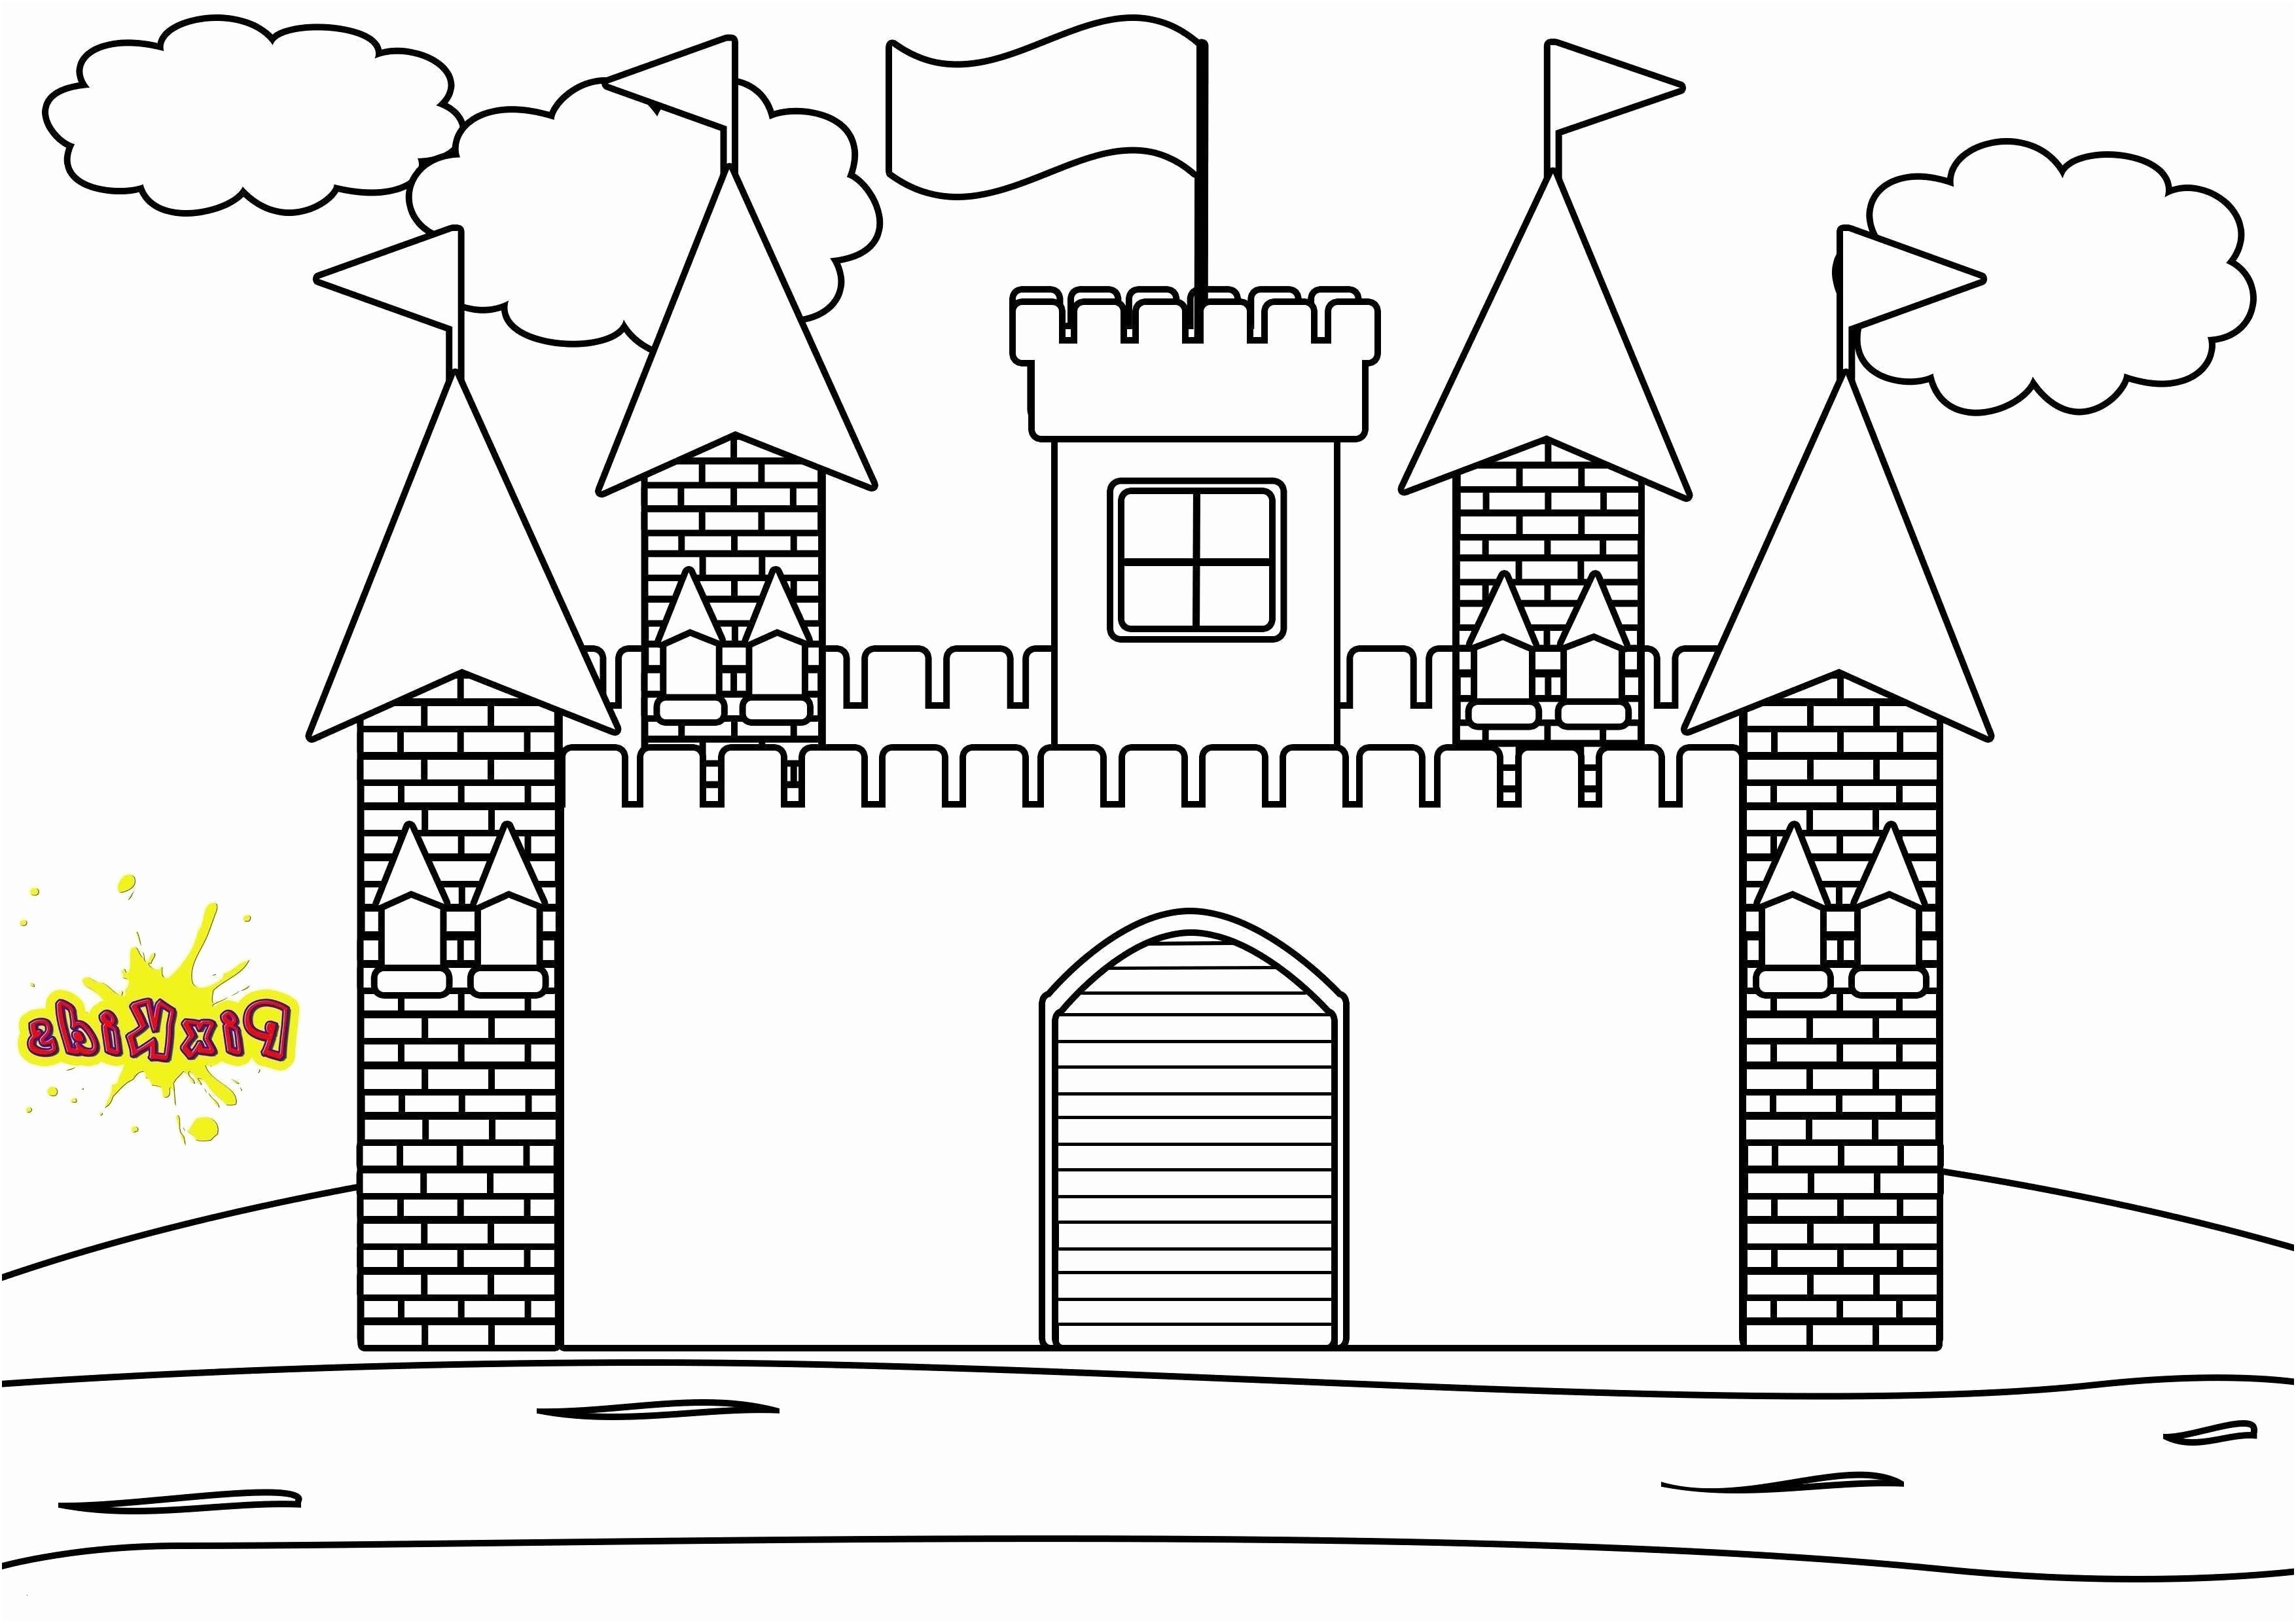 Elsa Im Schloss Ausmalbilder Frisch 31 Luxus Anna Und Elsa Bilder Zum Ausdrucken – Große Coloring Page Bild